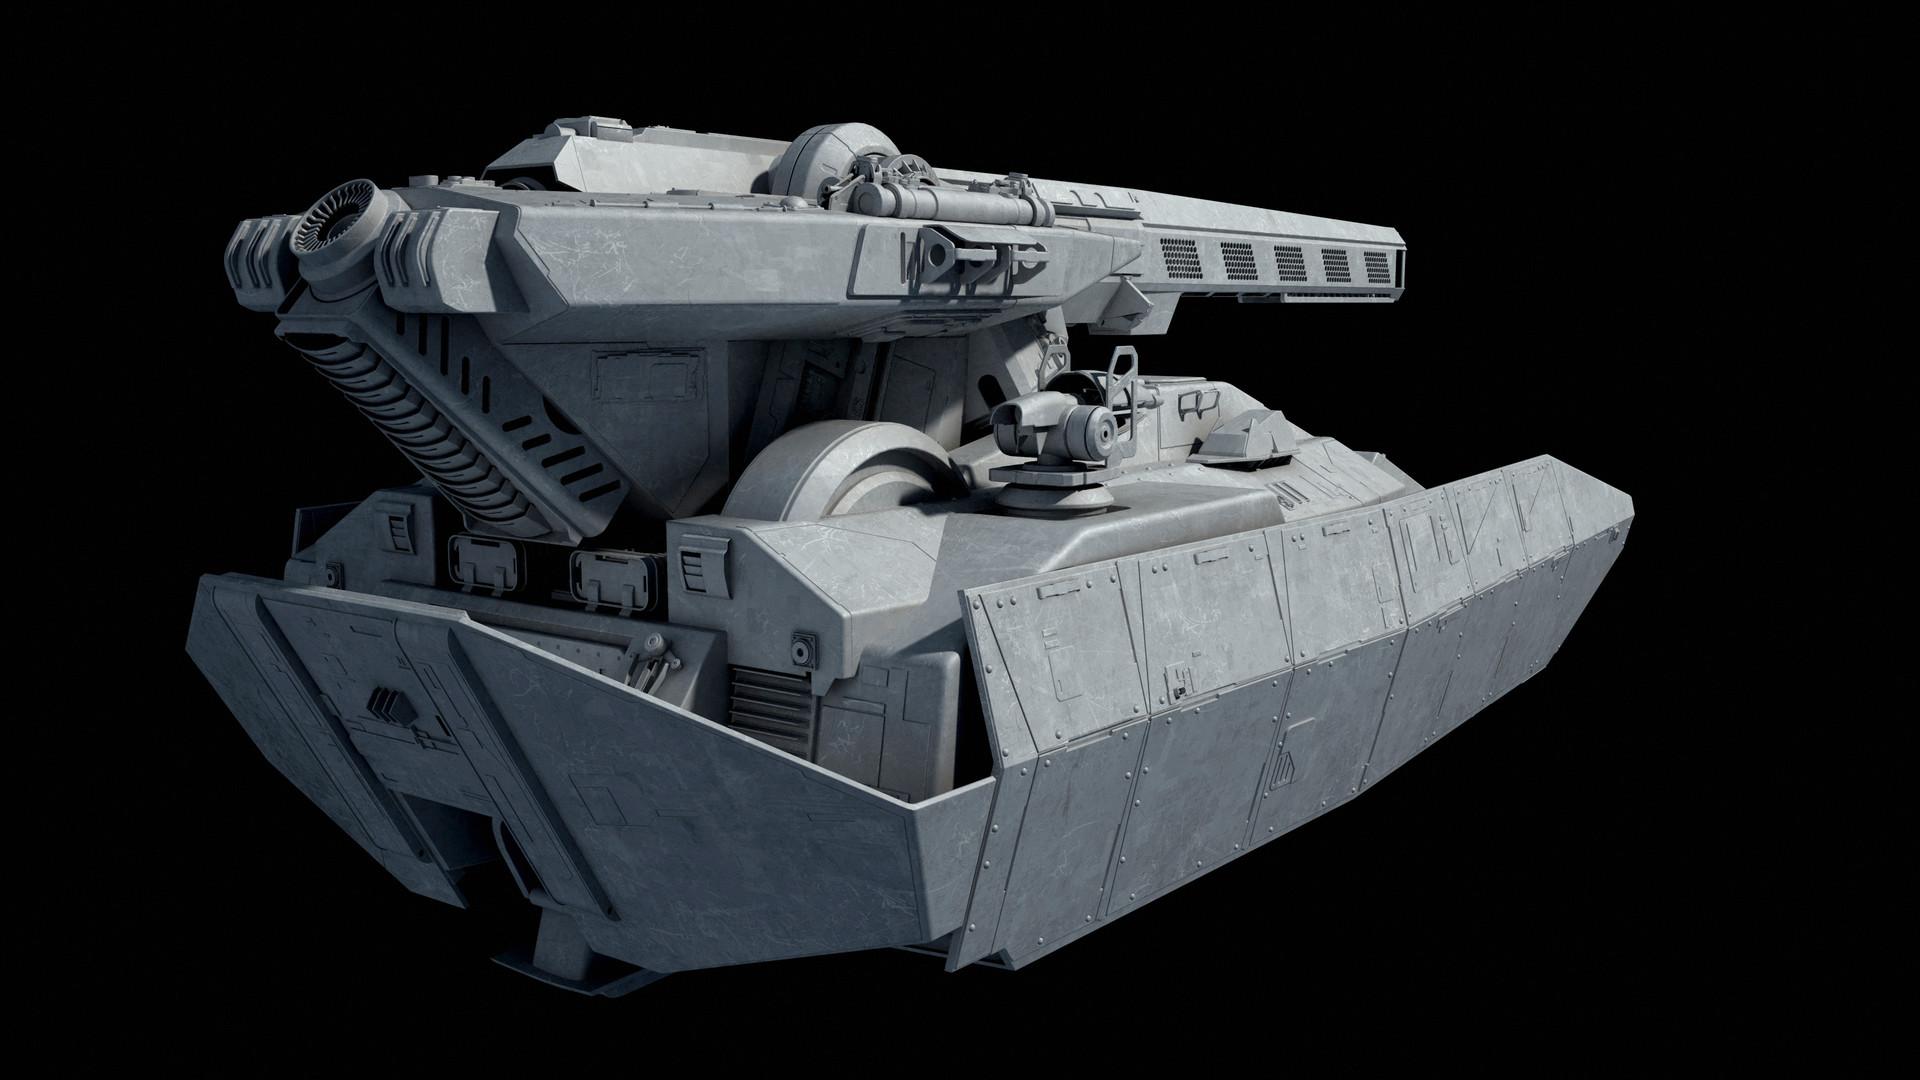 Ansel hsiao tank47